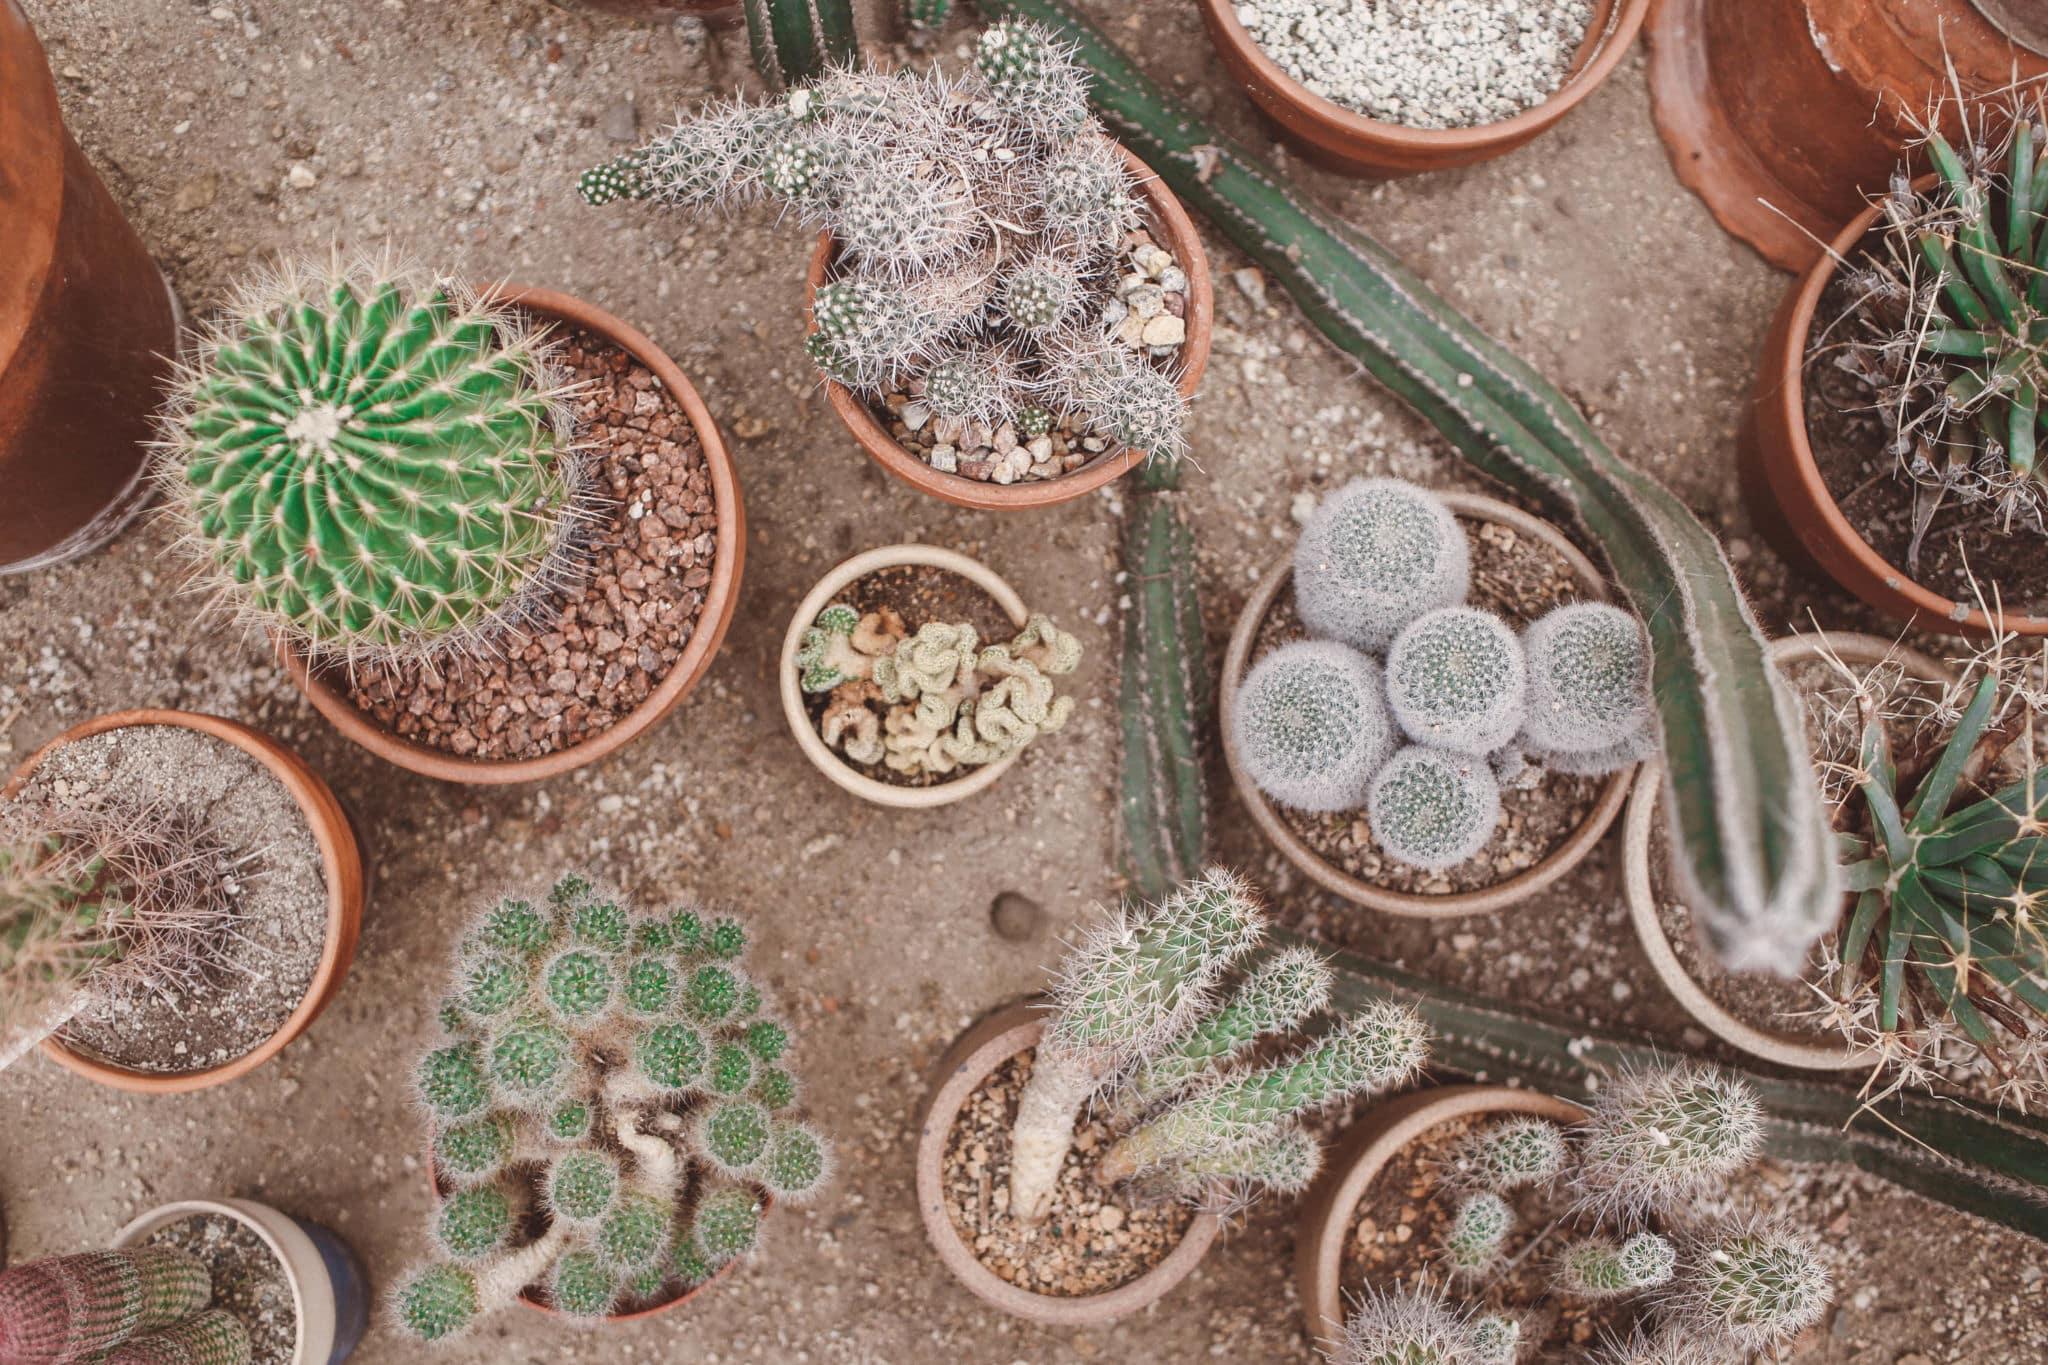 palm springs cactus garden